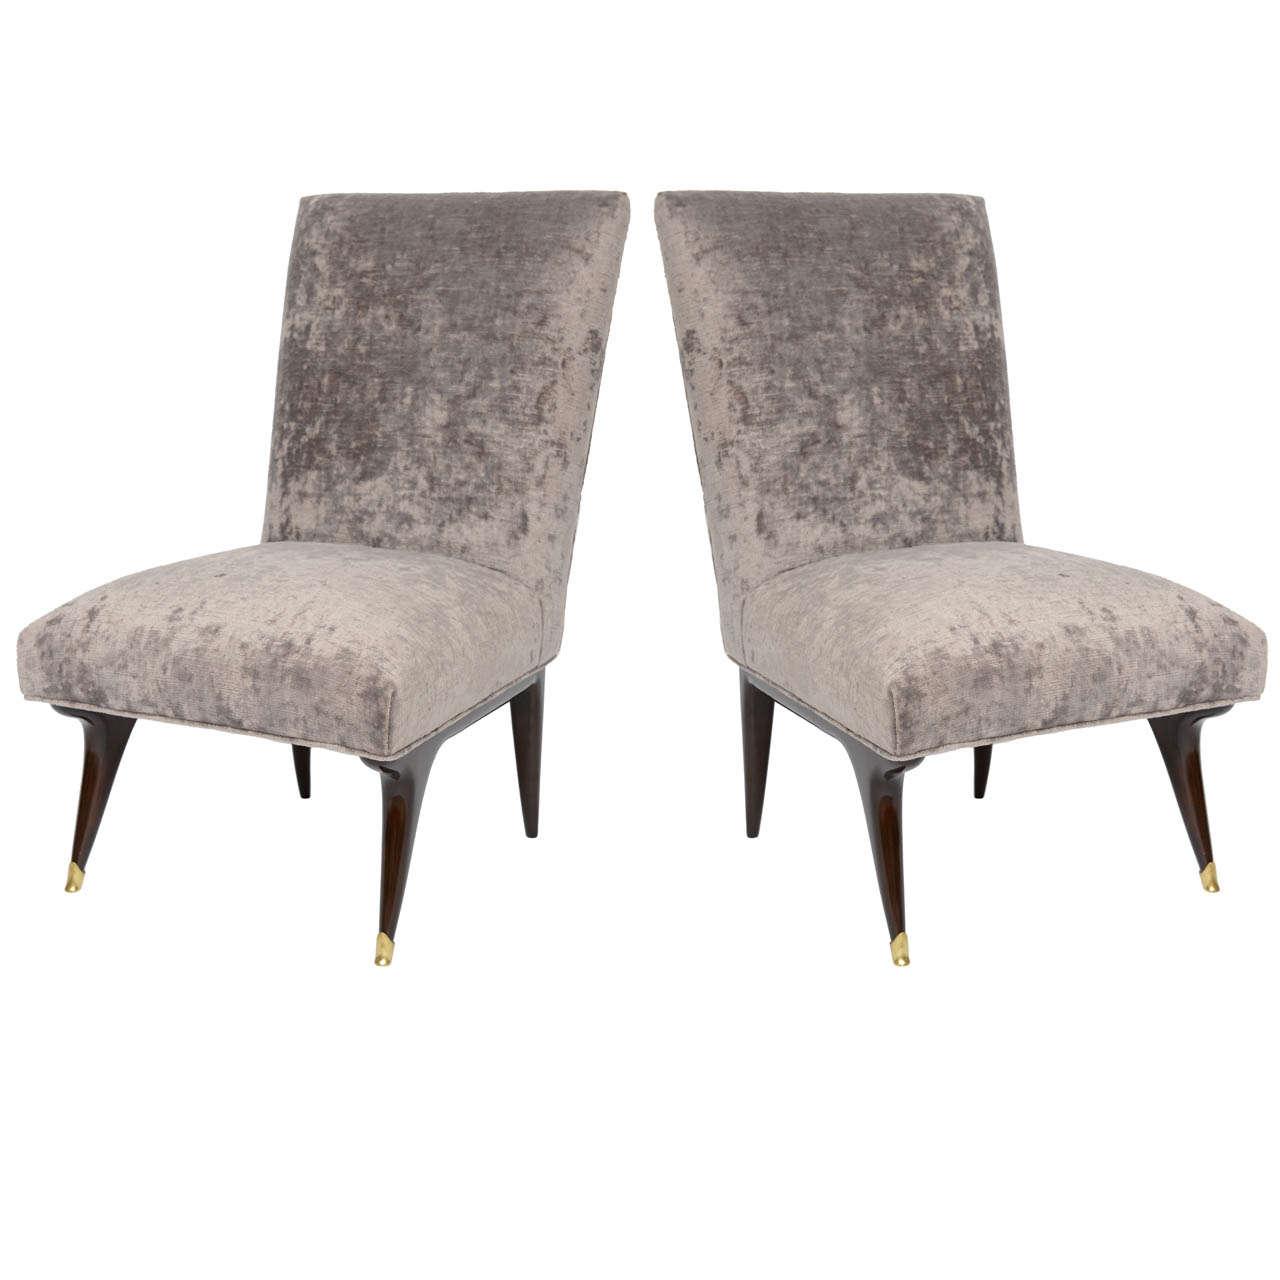 1950s Italian Walnut and Velvet Slipper Chairs